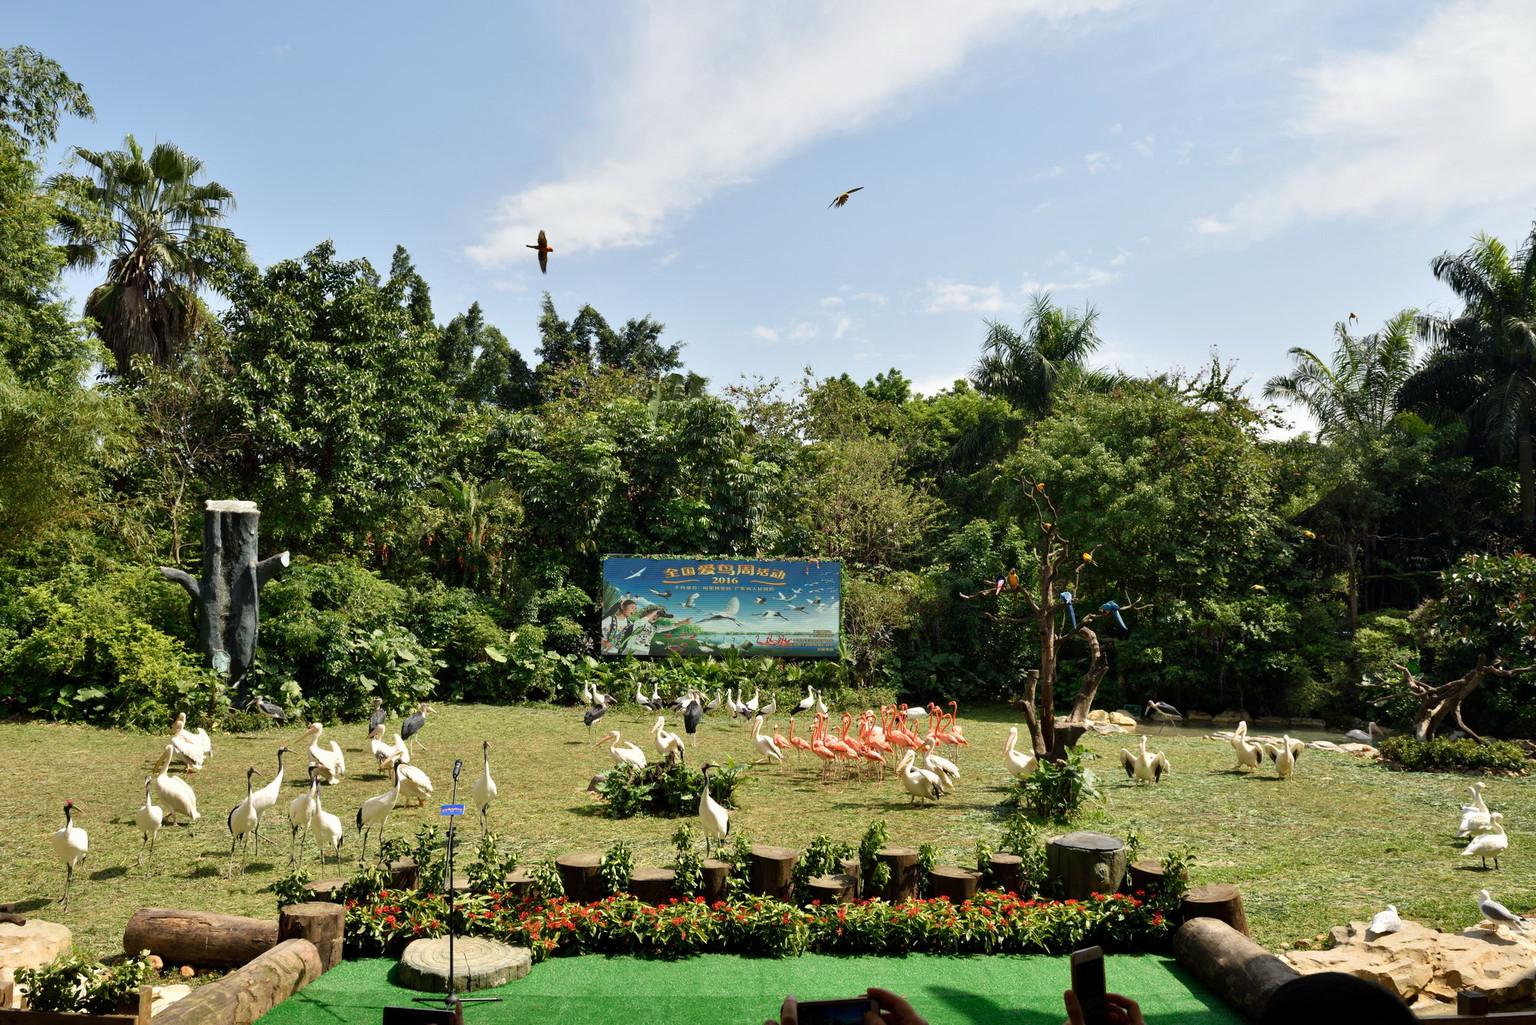 广州长隆野生动物园-欢乐世界-飞鸟乐园5日游>当地跟